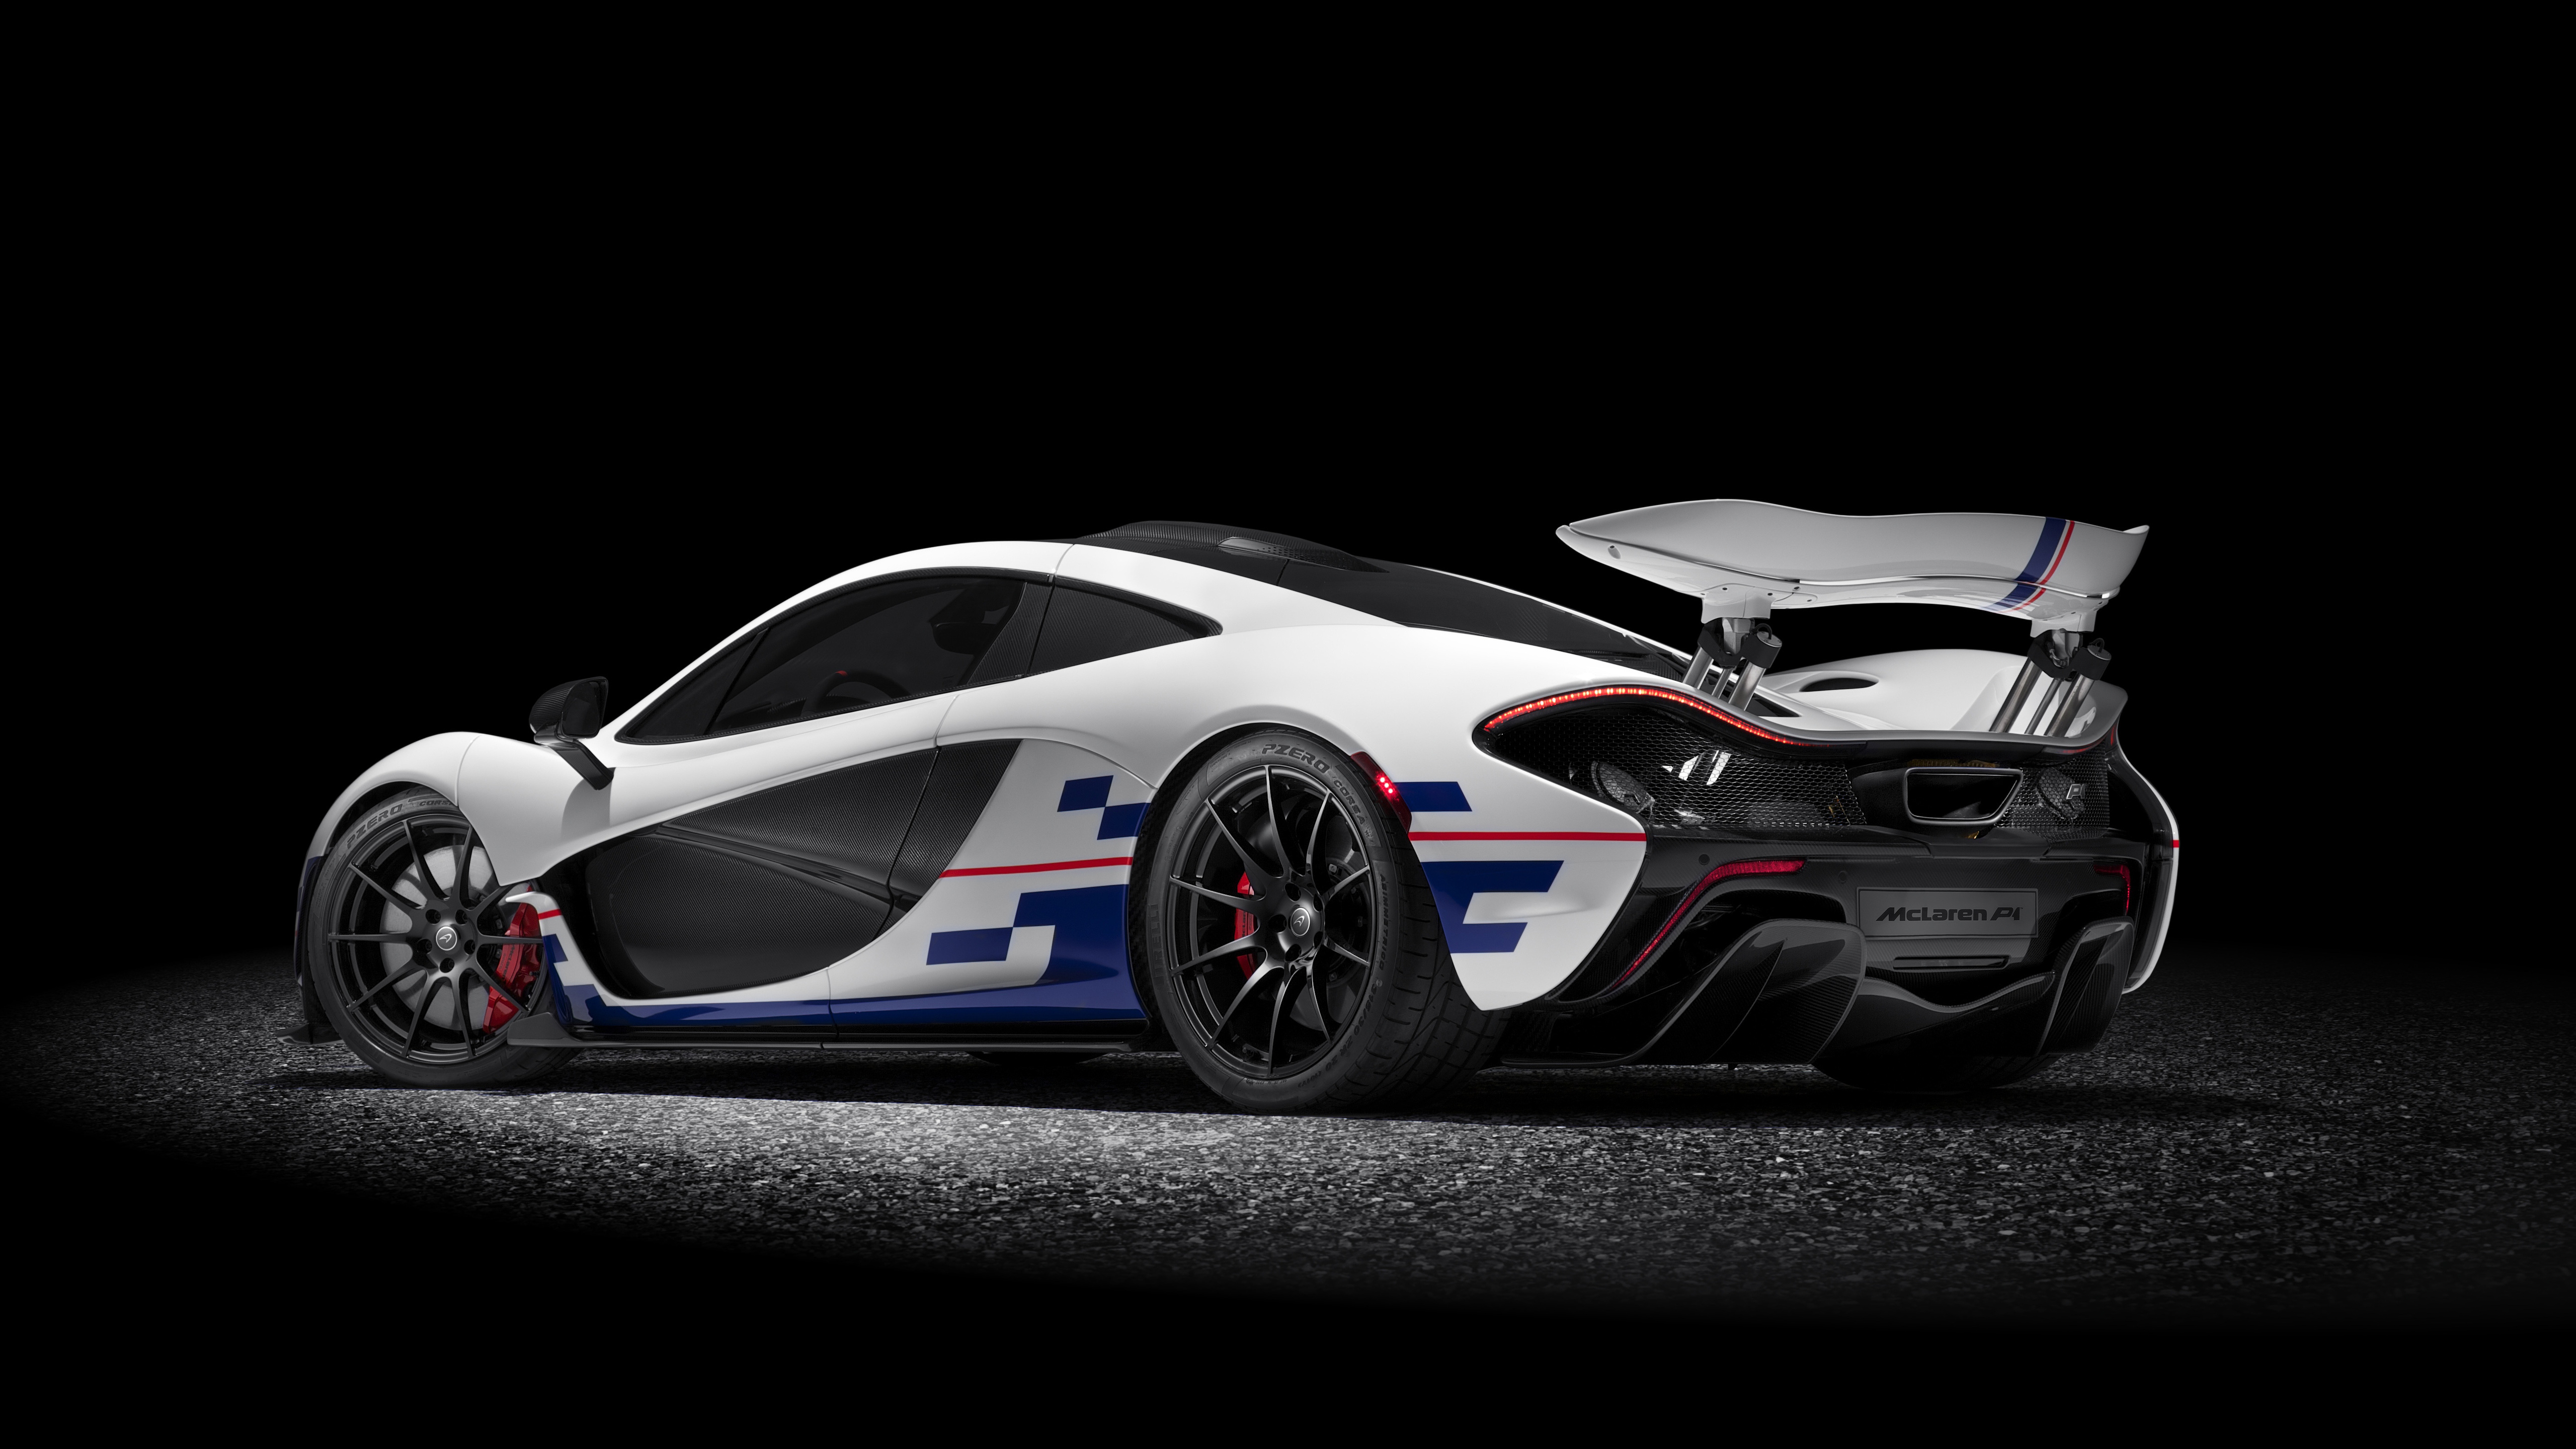 McLaren P1 2014 Wallpapers | HD Wallpapers